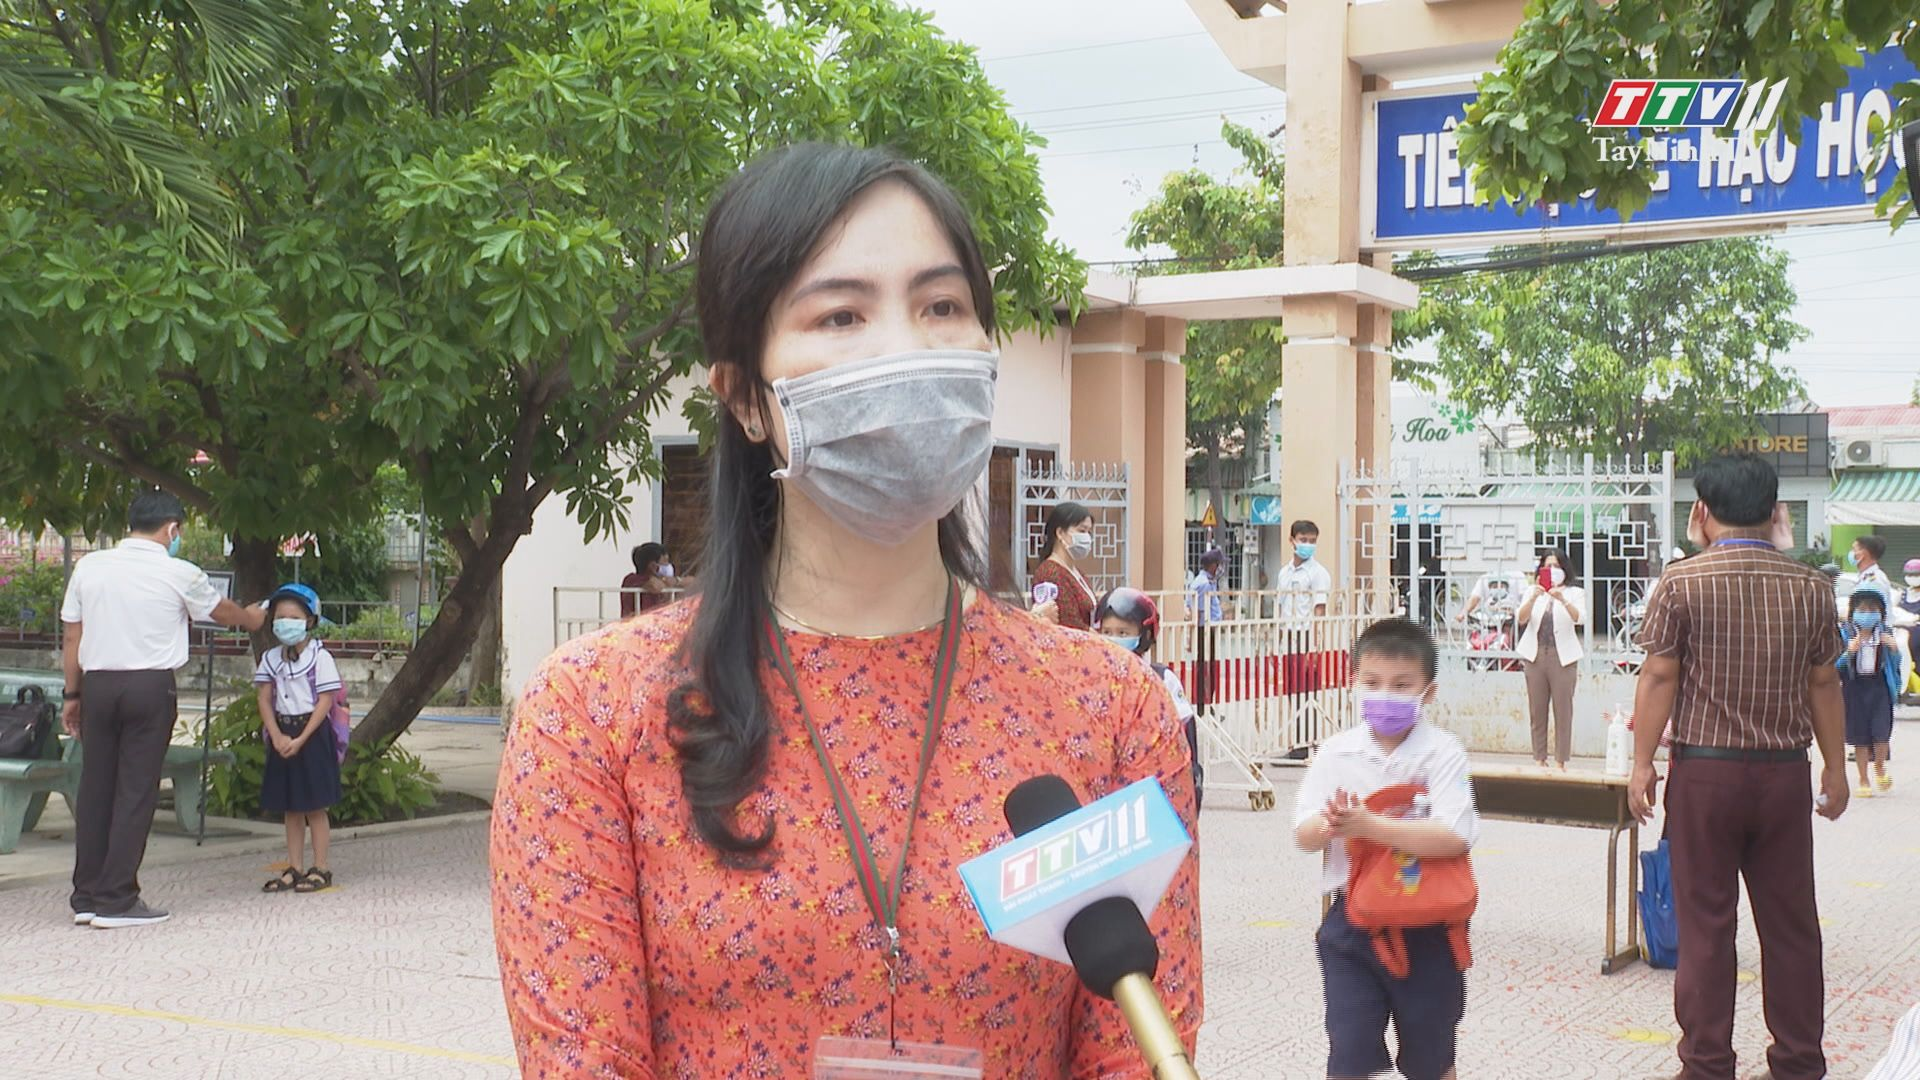 Dạy và học tốt, phòng chống dịch bệnh tốt | Tiếng nói cử tri | TayNinhTV